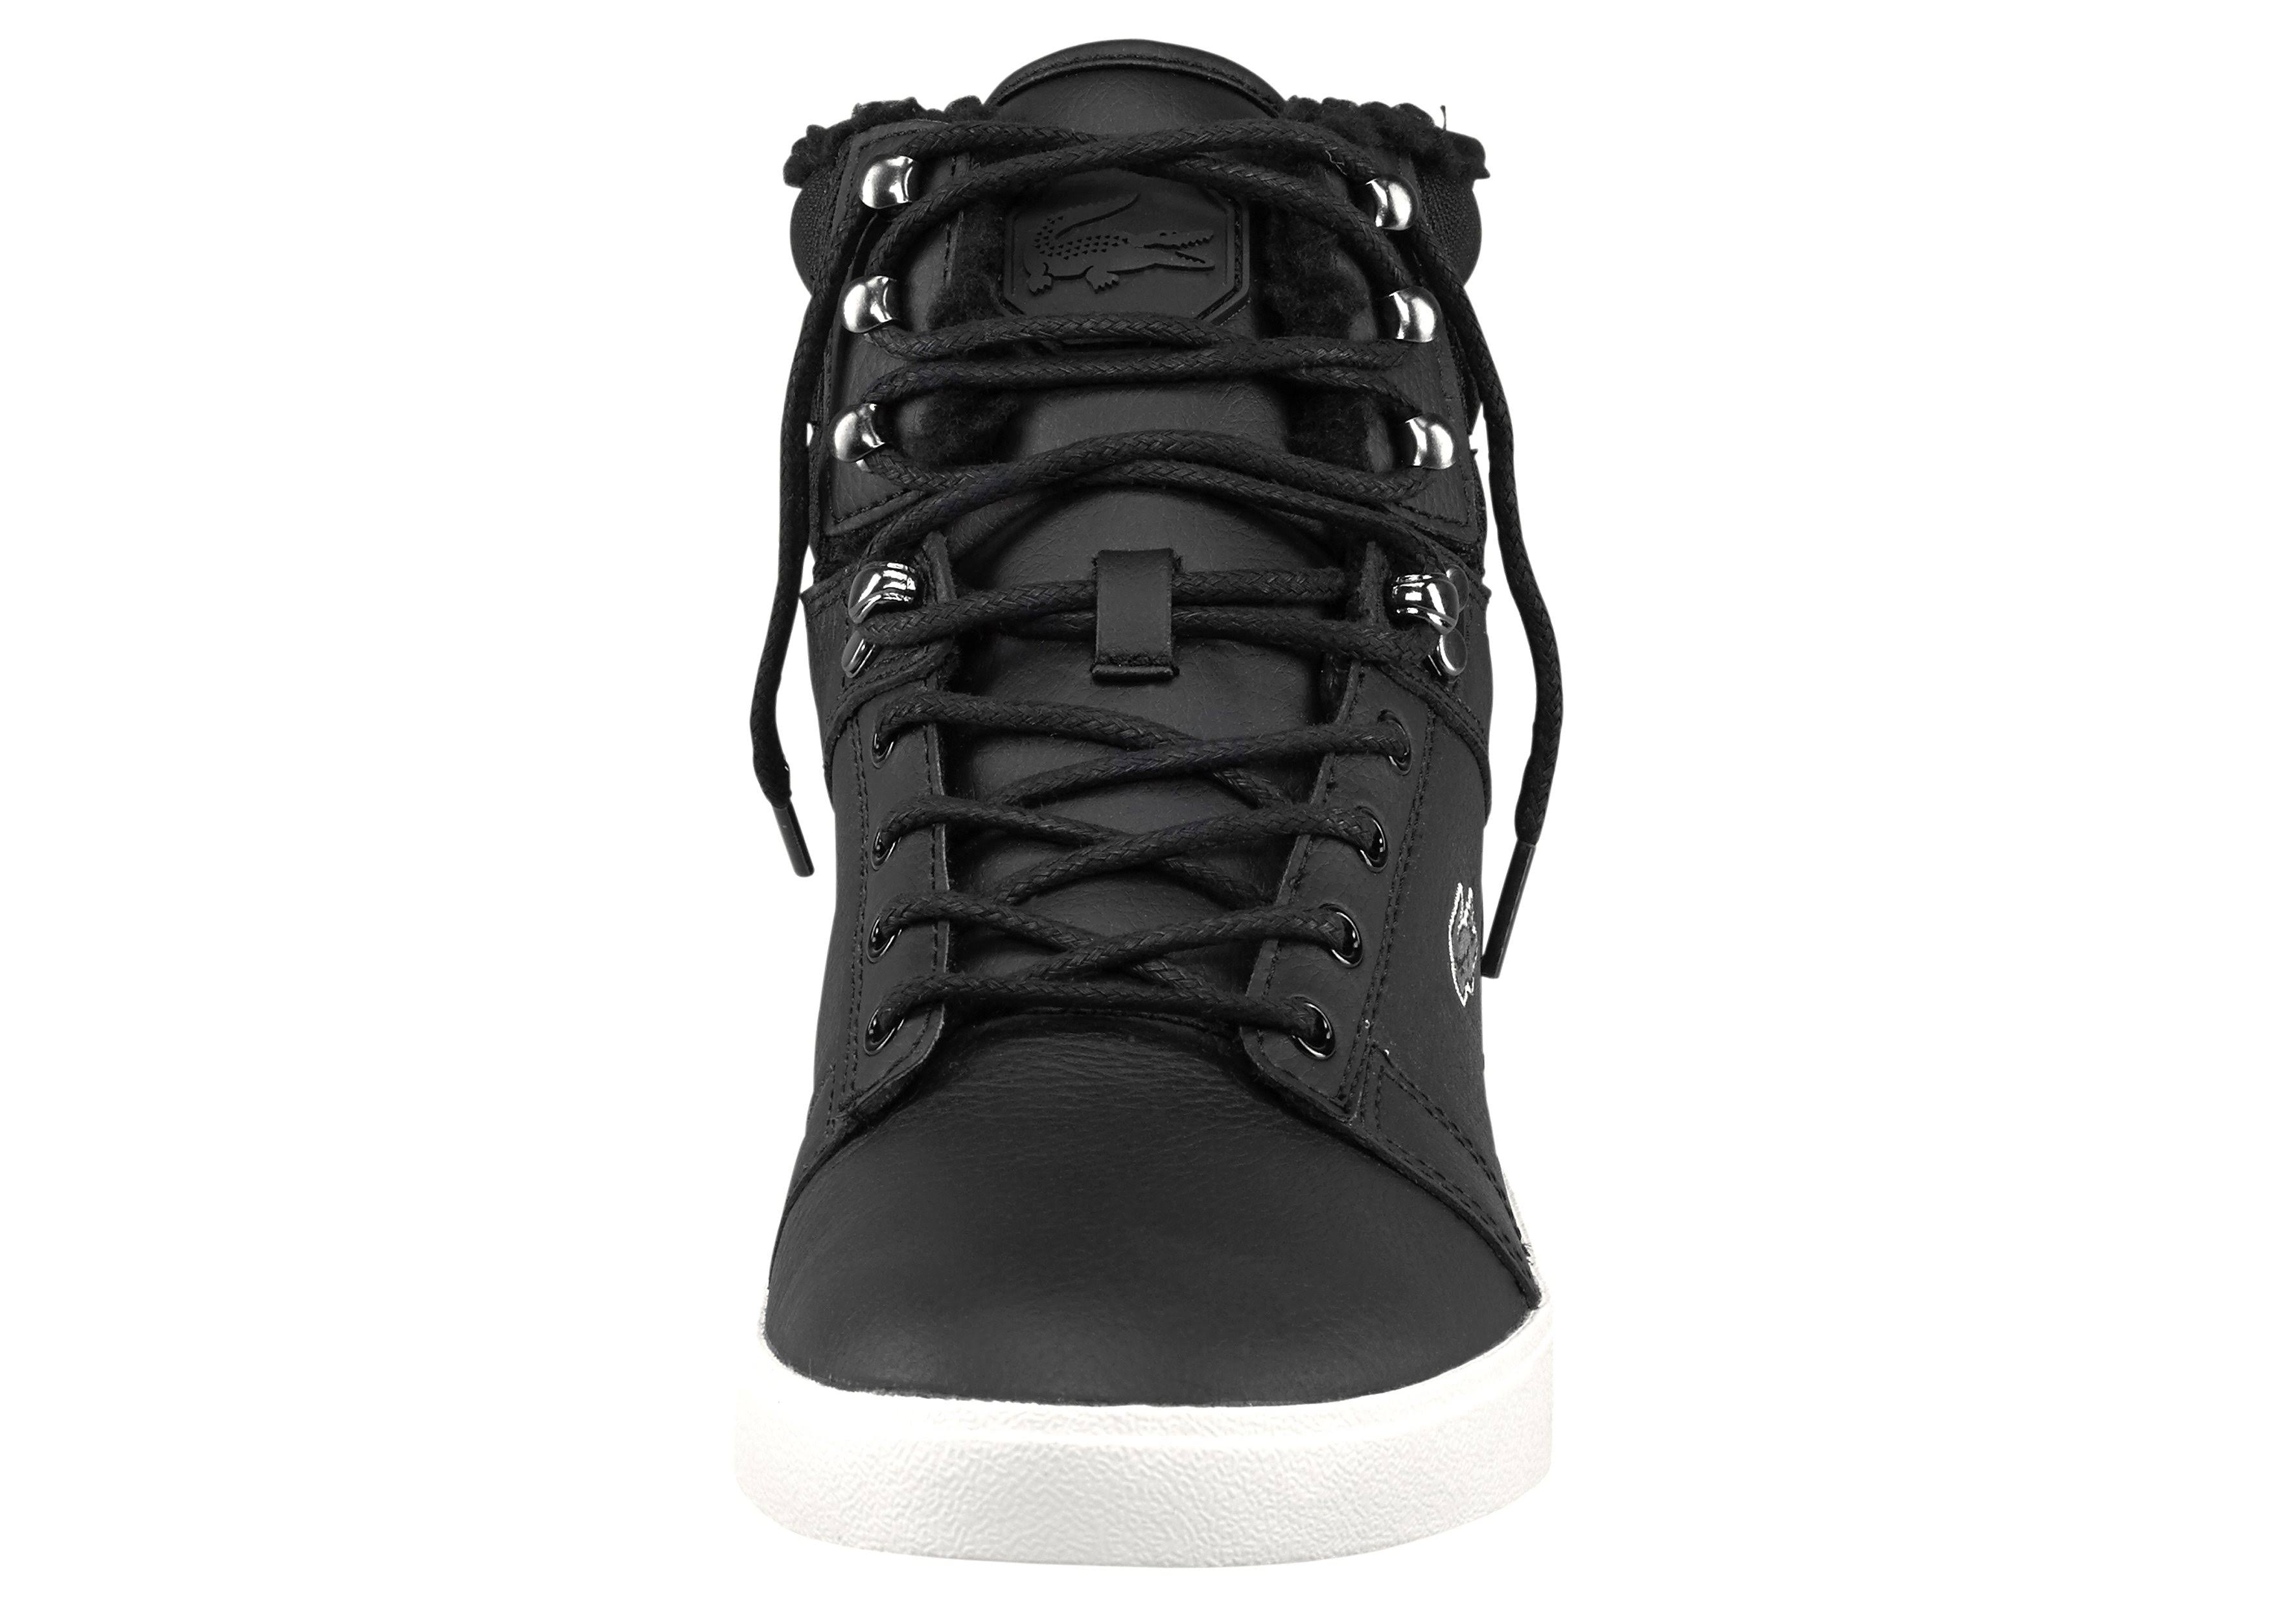 Farbe Größe Stiefel Winter Orelle Schwarz 730spm003102h schwarz Put Lacoste 41 nx1q0Xw7I